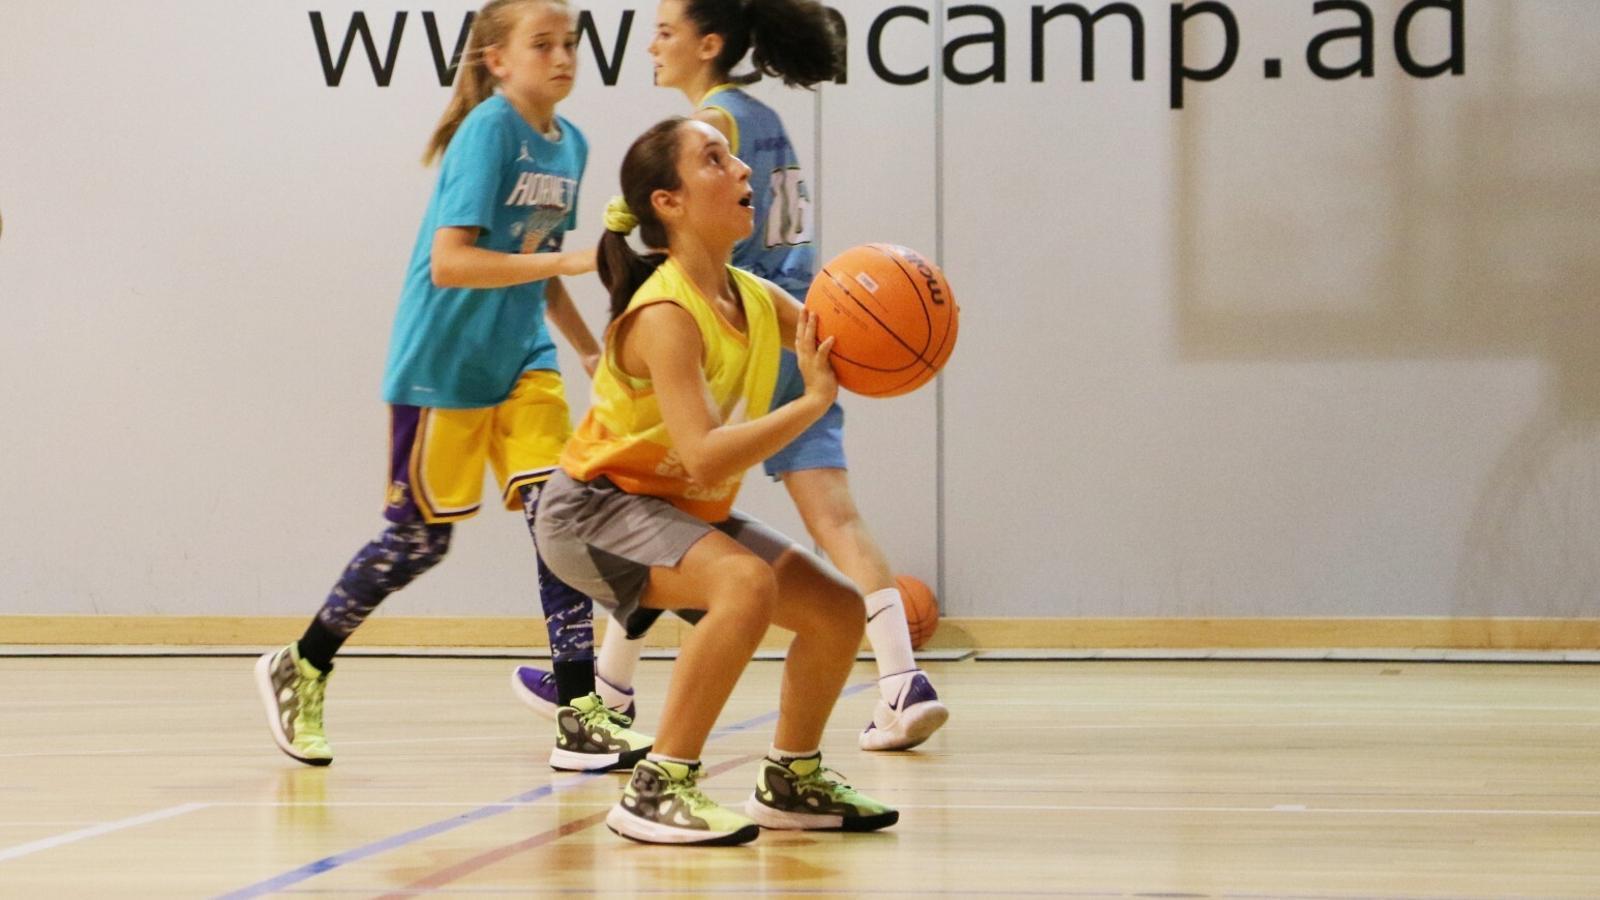 La sessió d'aquest dijous a la tarda del campus de bàsquet femení celebrat a Encamp. / E.C. (ANA)